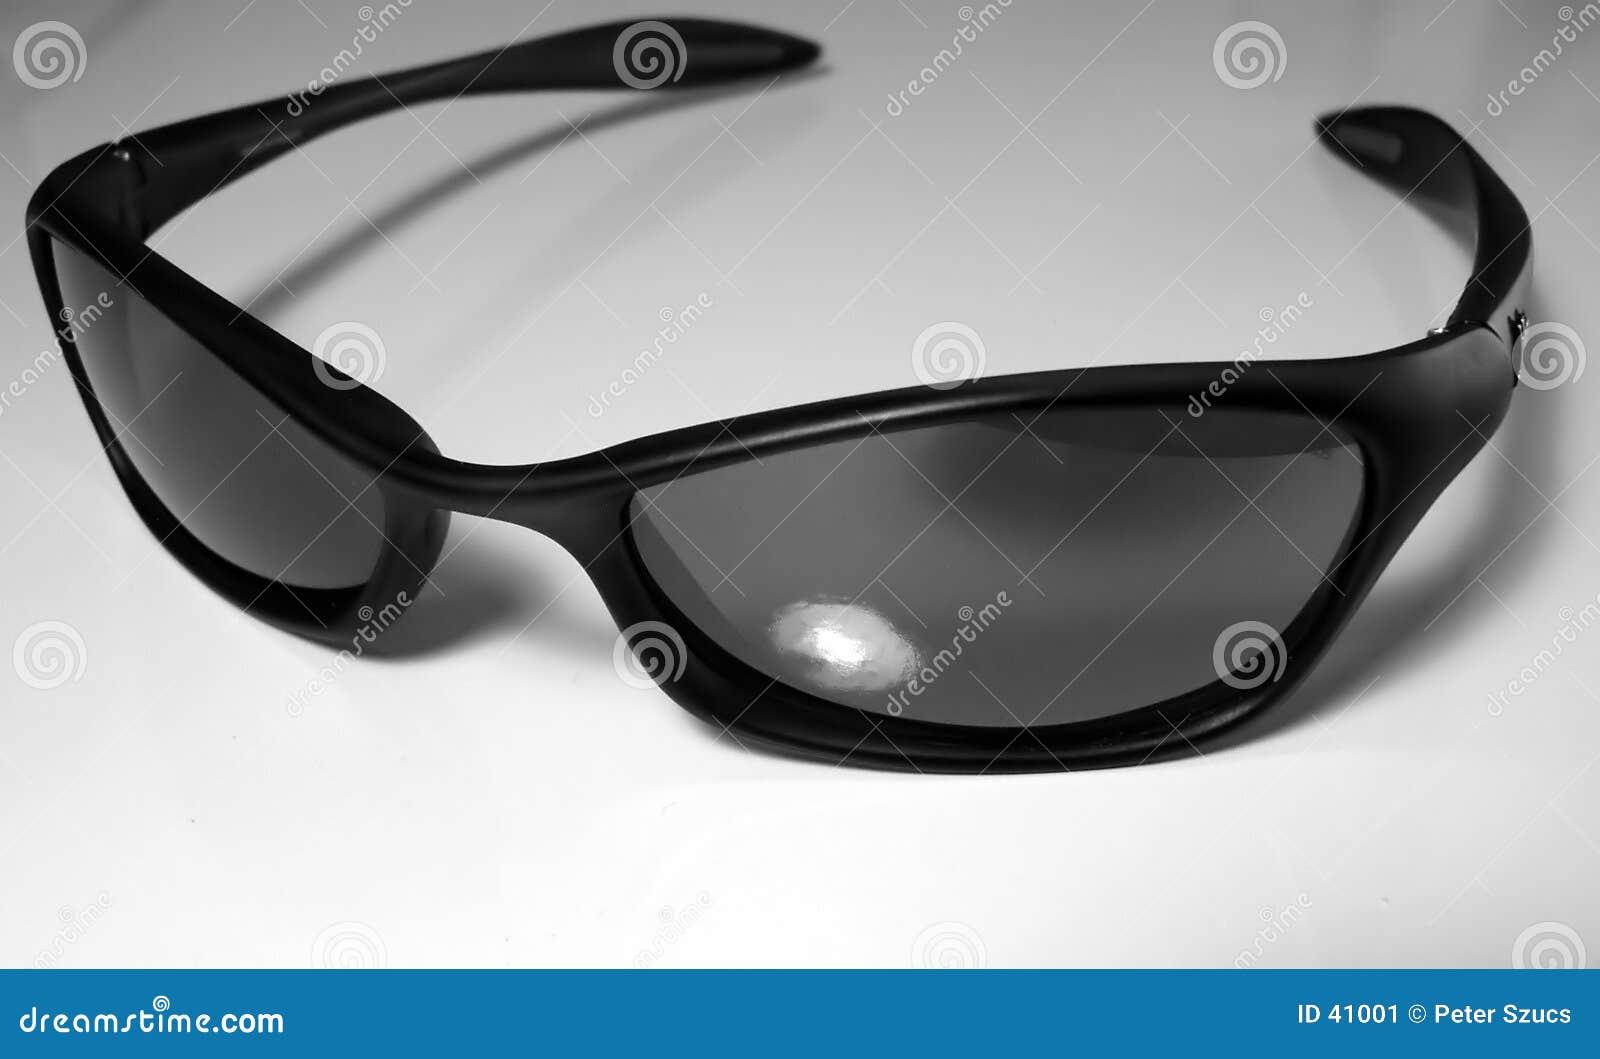 Download Gafas de sol 1 imagen de archivo. Imagen de verano, cortinas - 41001